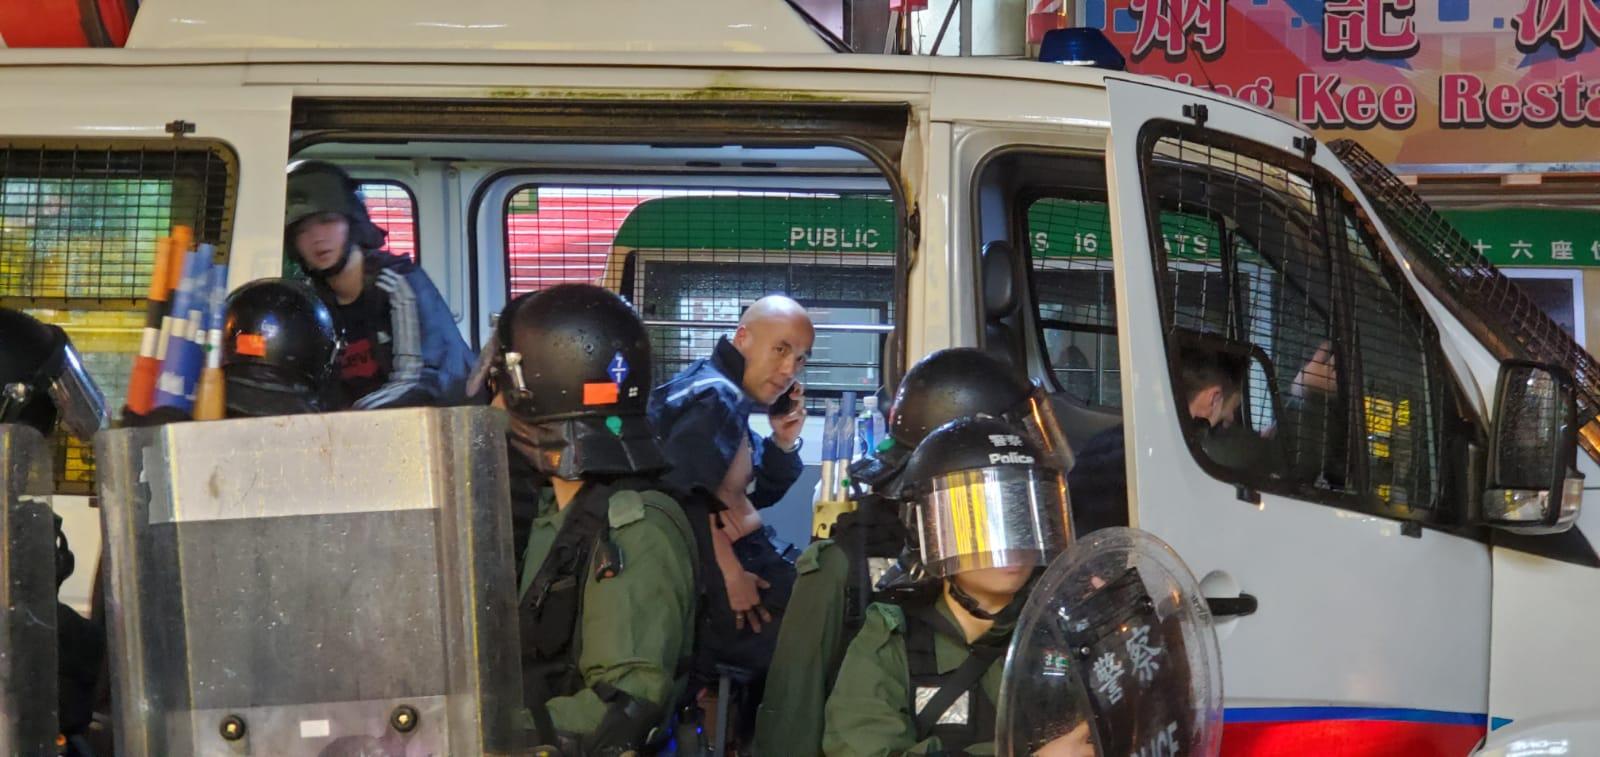 警員遇襲受傷